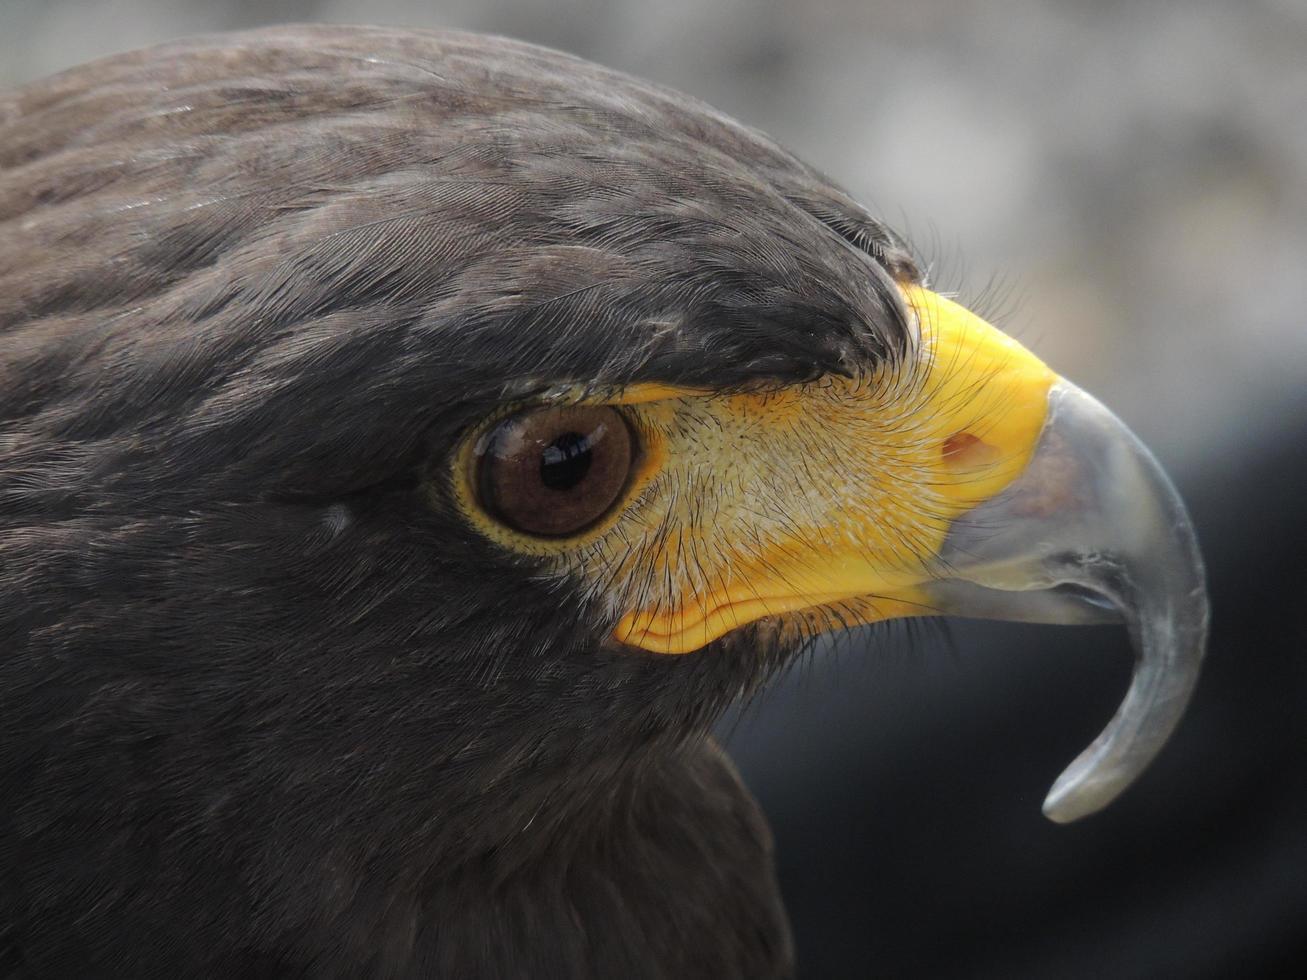 das Gesicht eines Falken foto